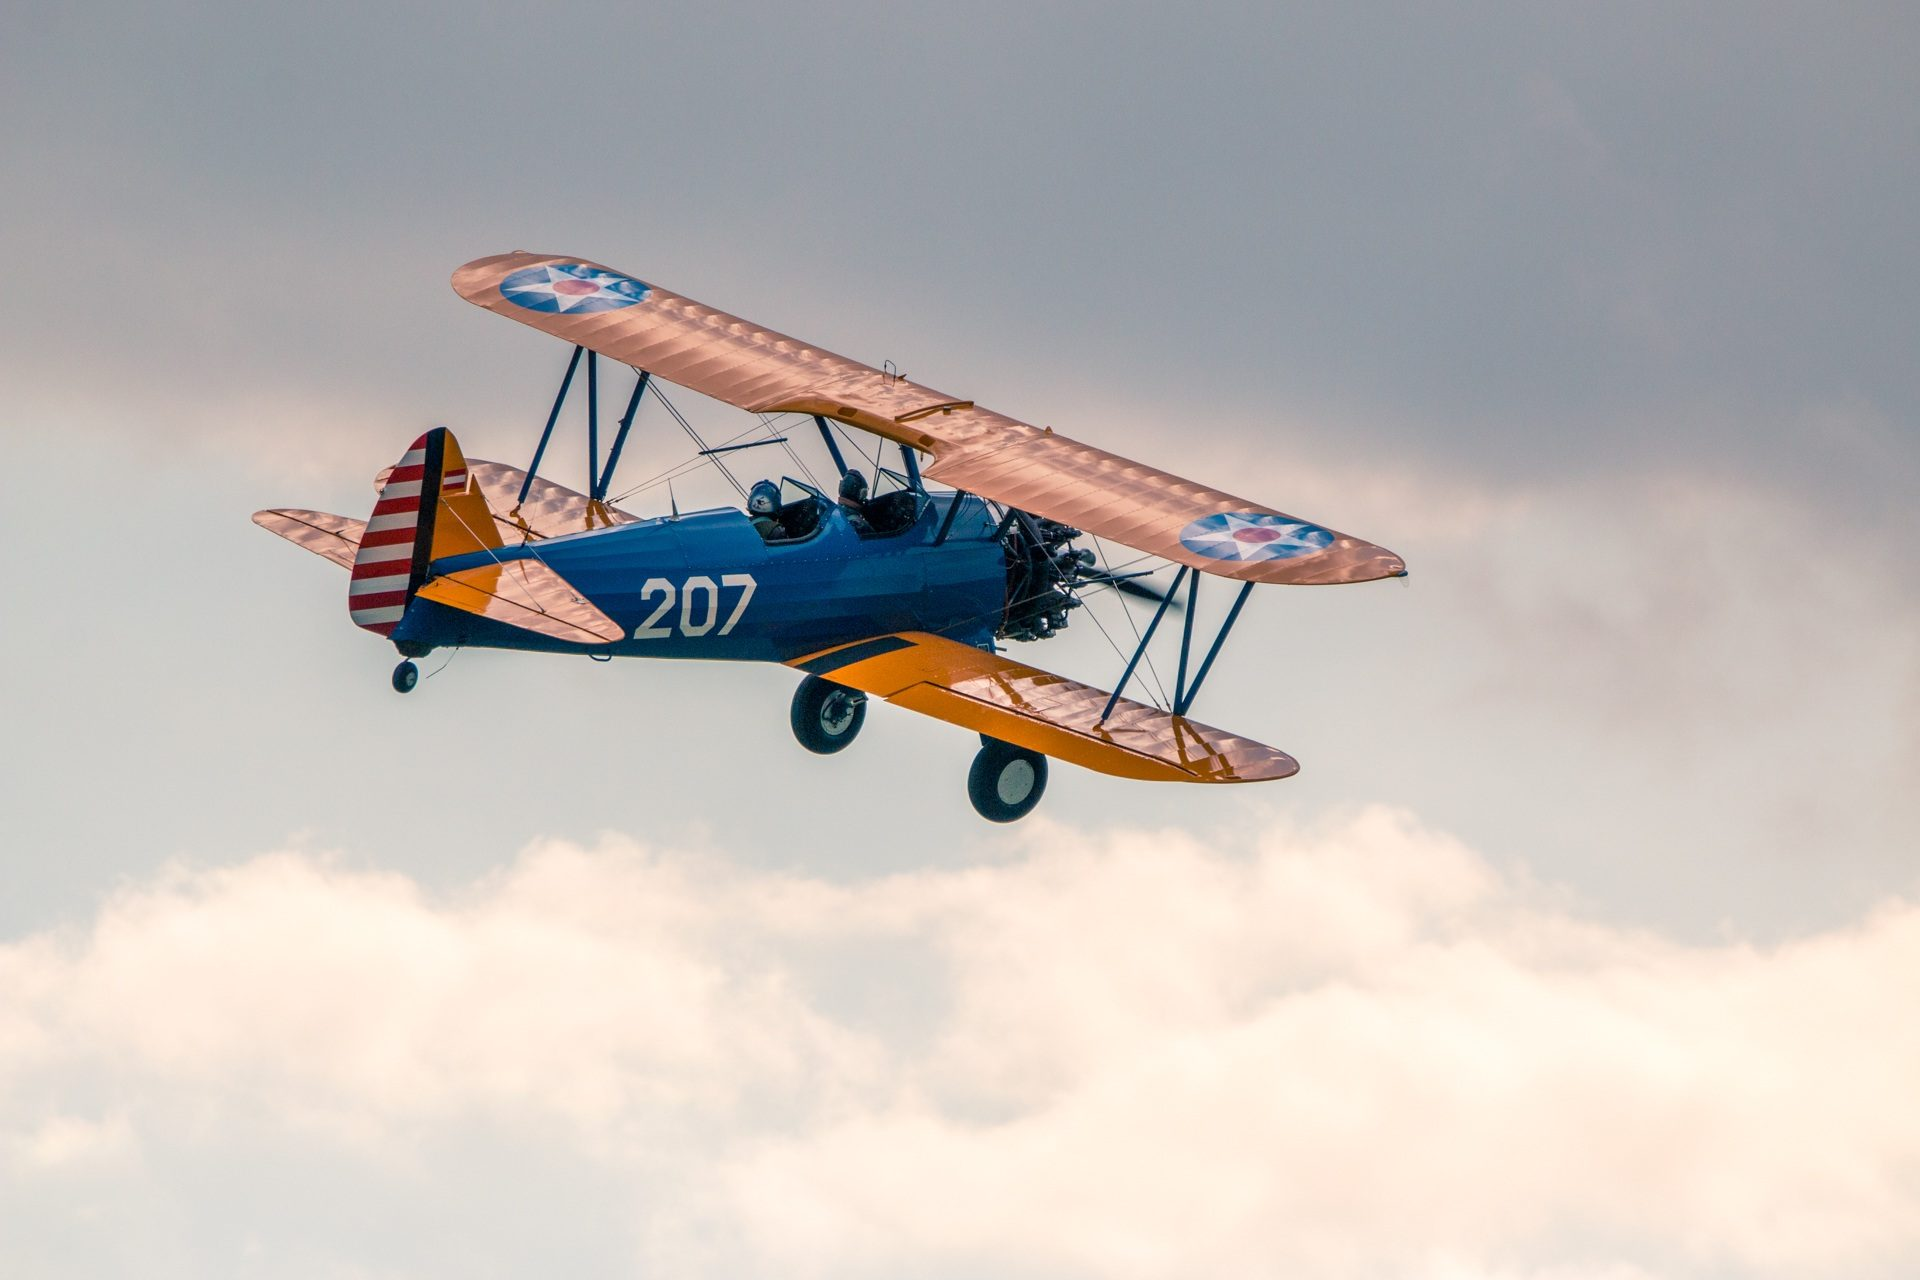 轻型飞机, 飞机, 飞, 杂技, 翅膀 - 高清壁纸 - 教授-falken.com